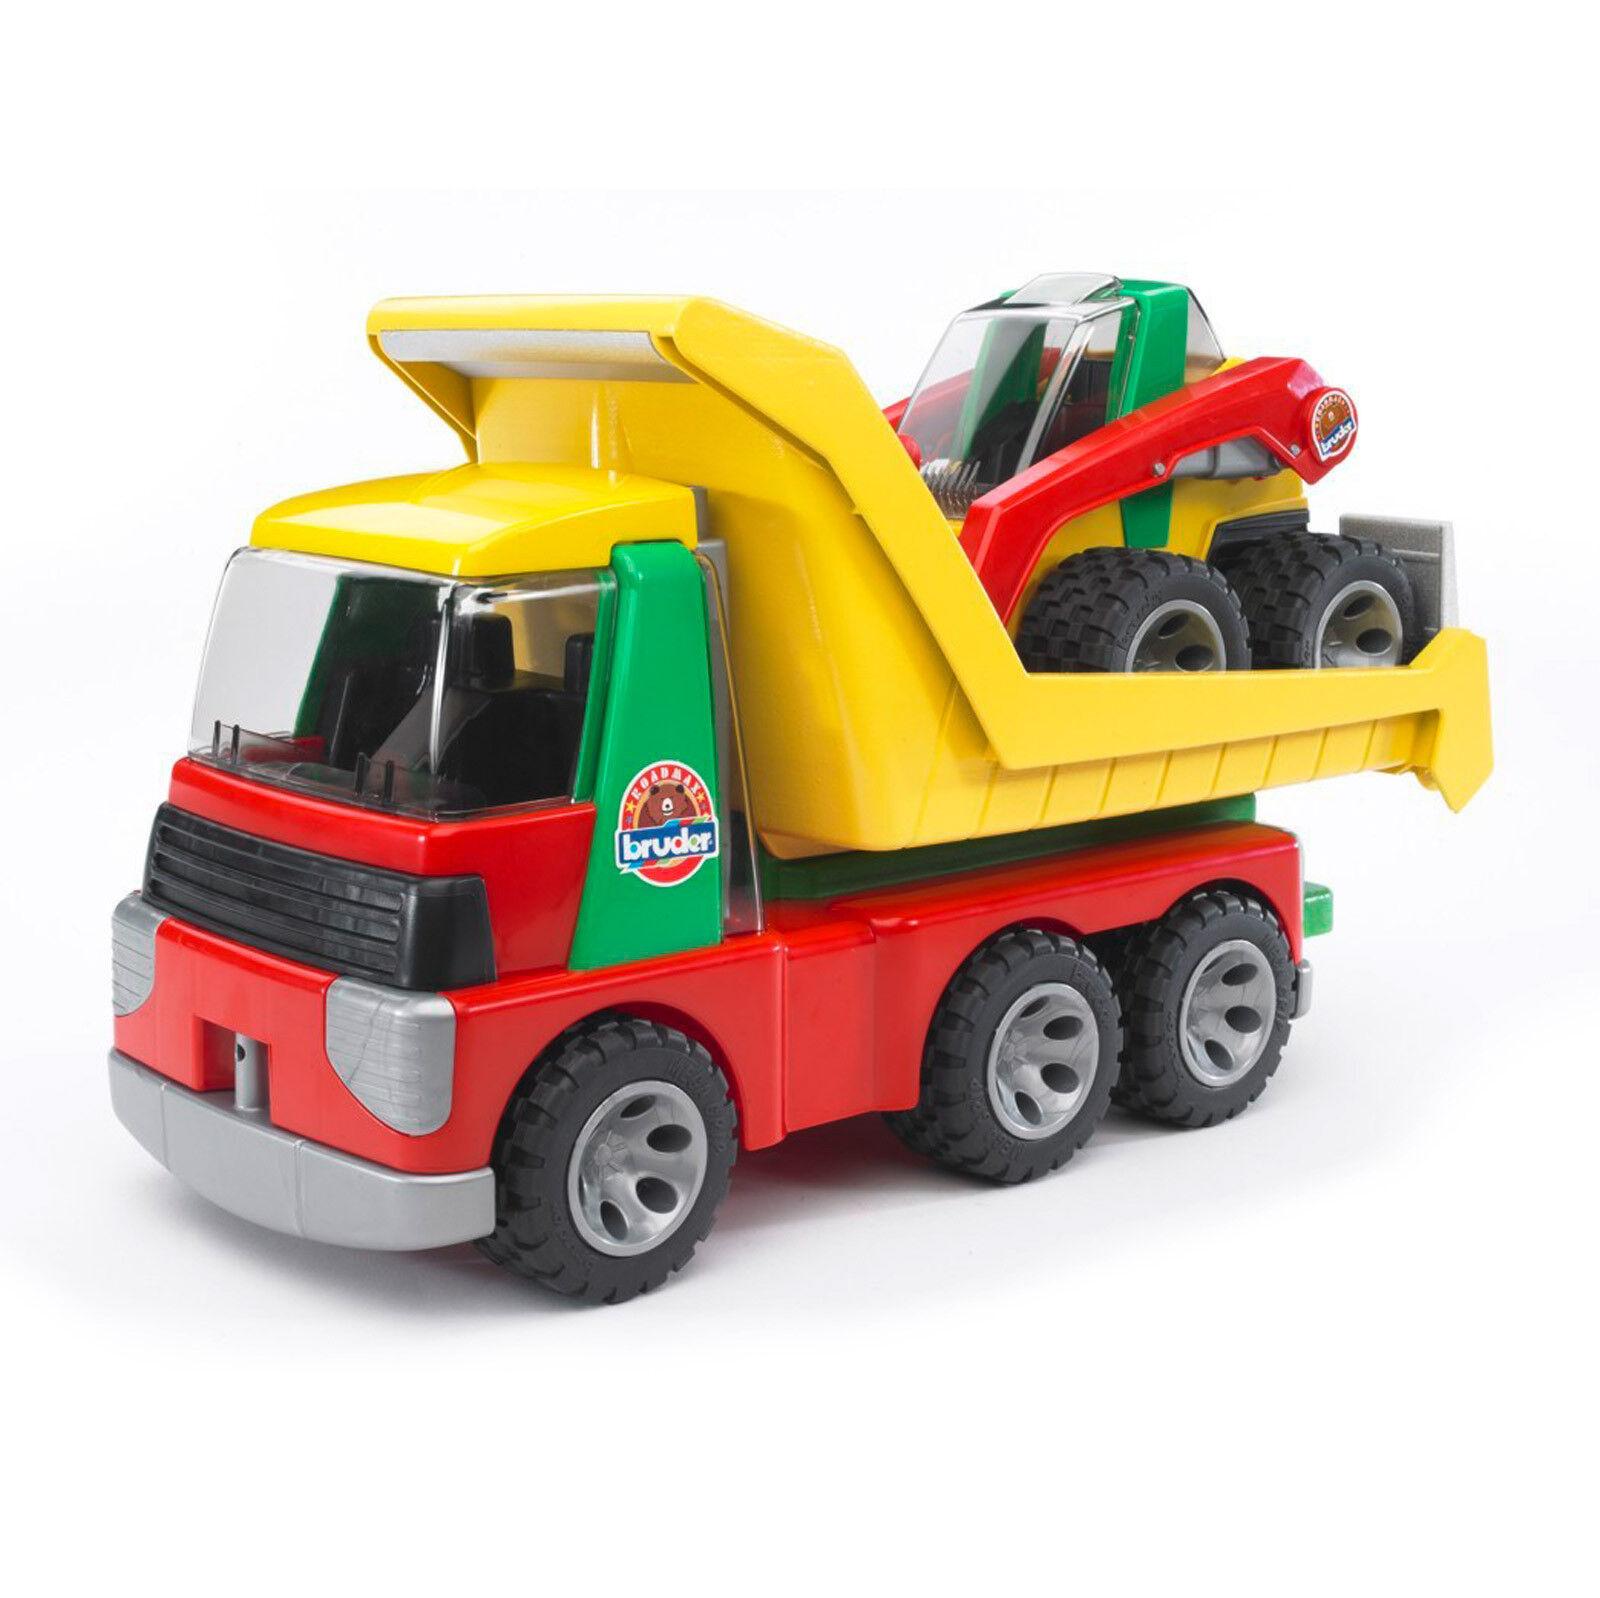 BRUDER Spielzeug Roadmax Transporter mit Kompaktlader LKW Spielzeugauto / 20070